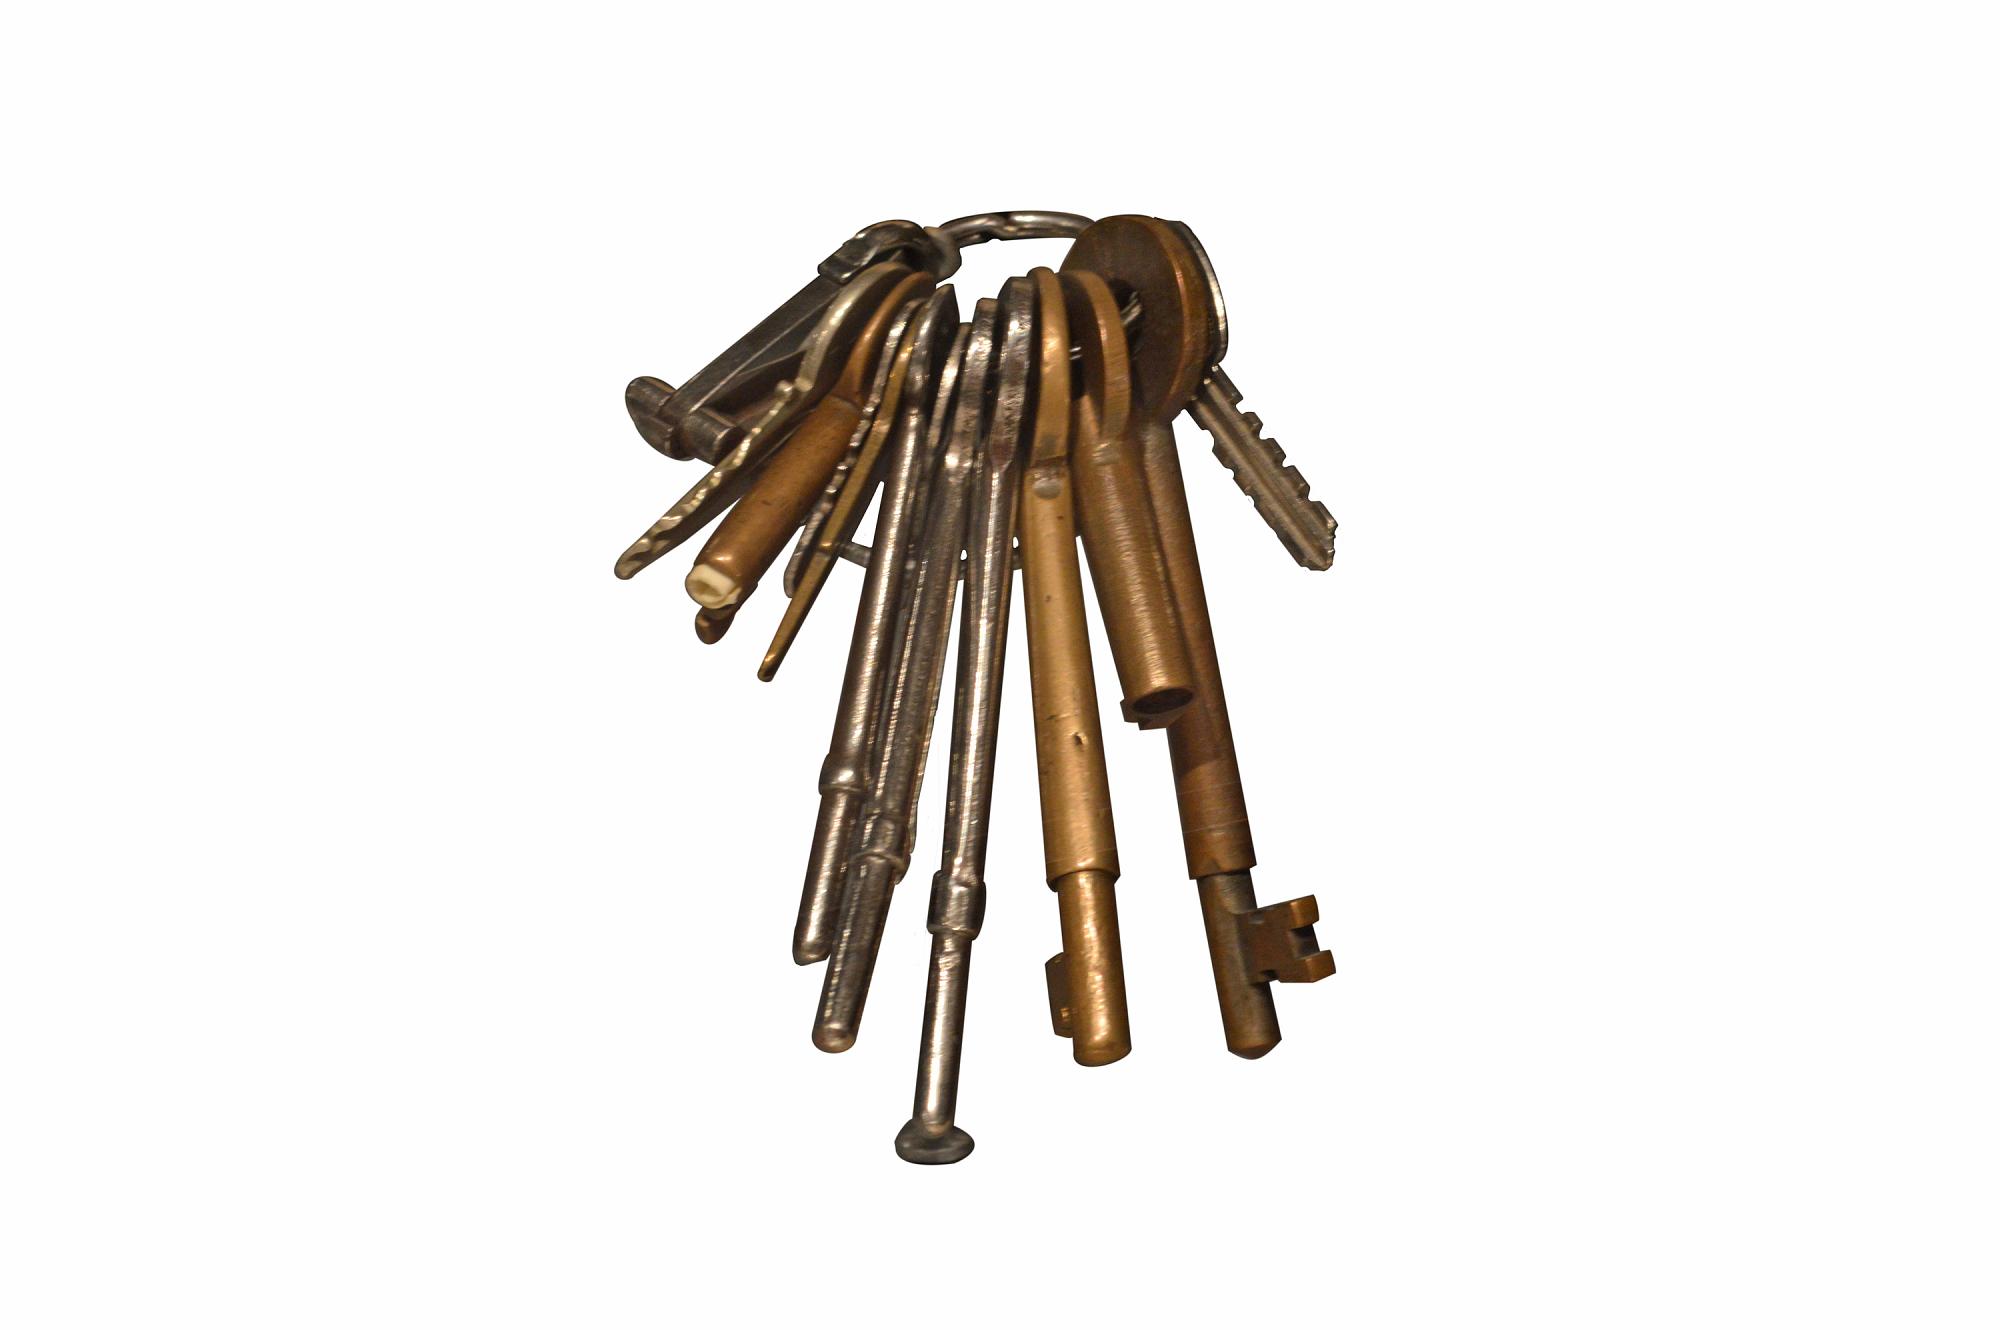 Porter's keys